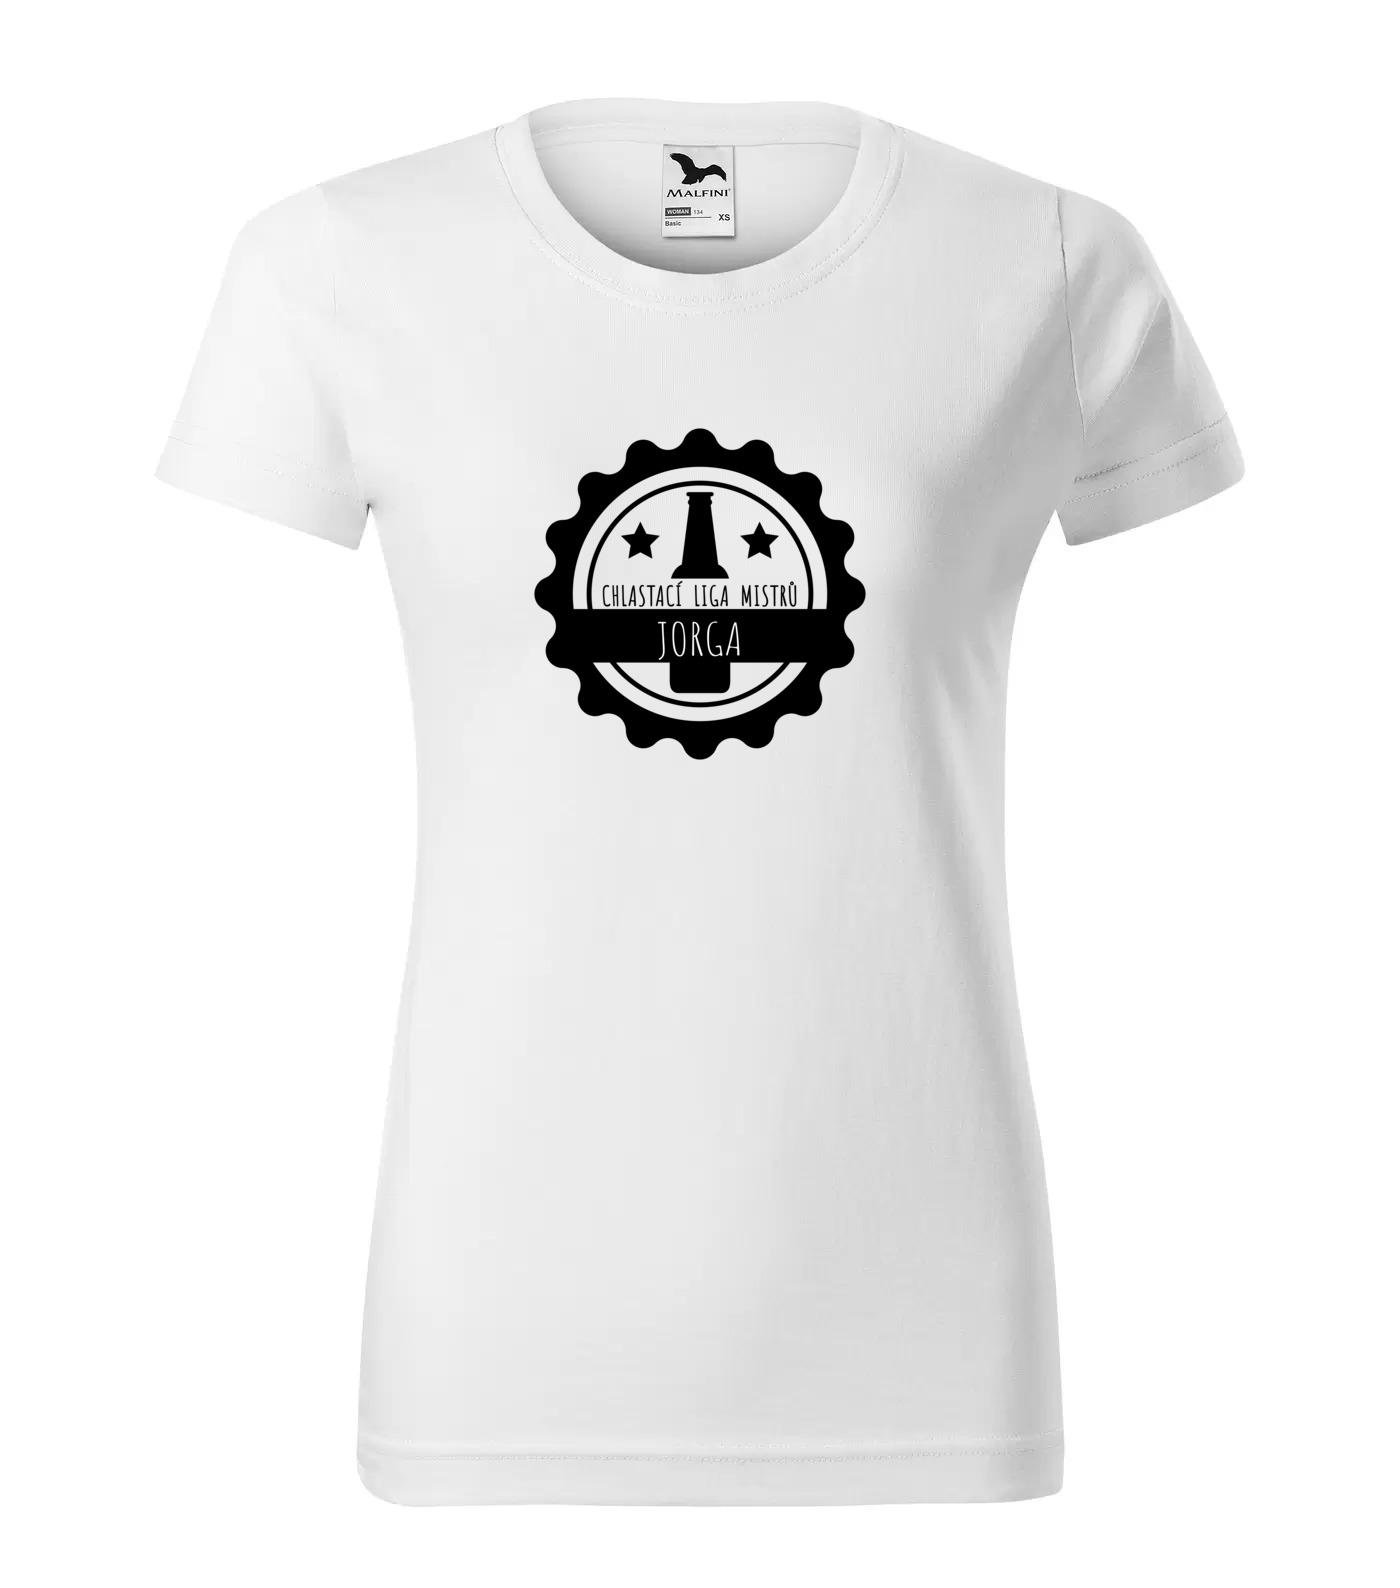 Tričko Chlastací liga žen Jorga